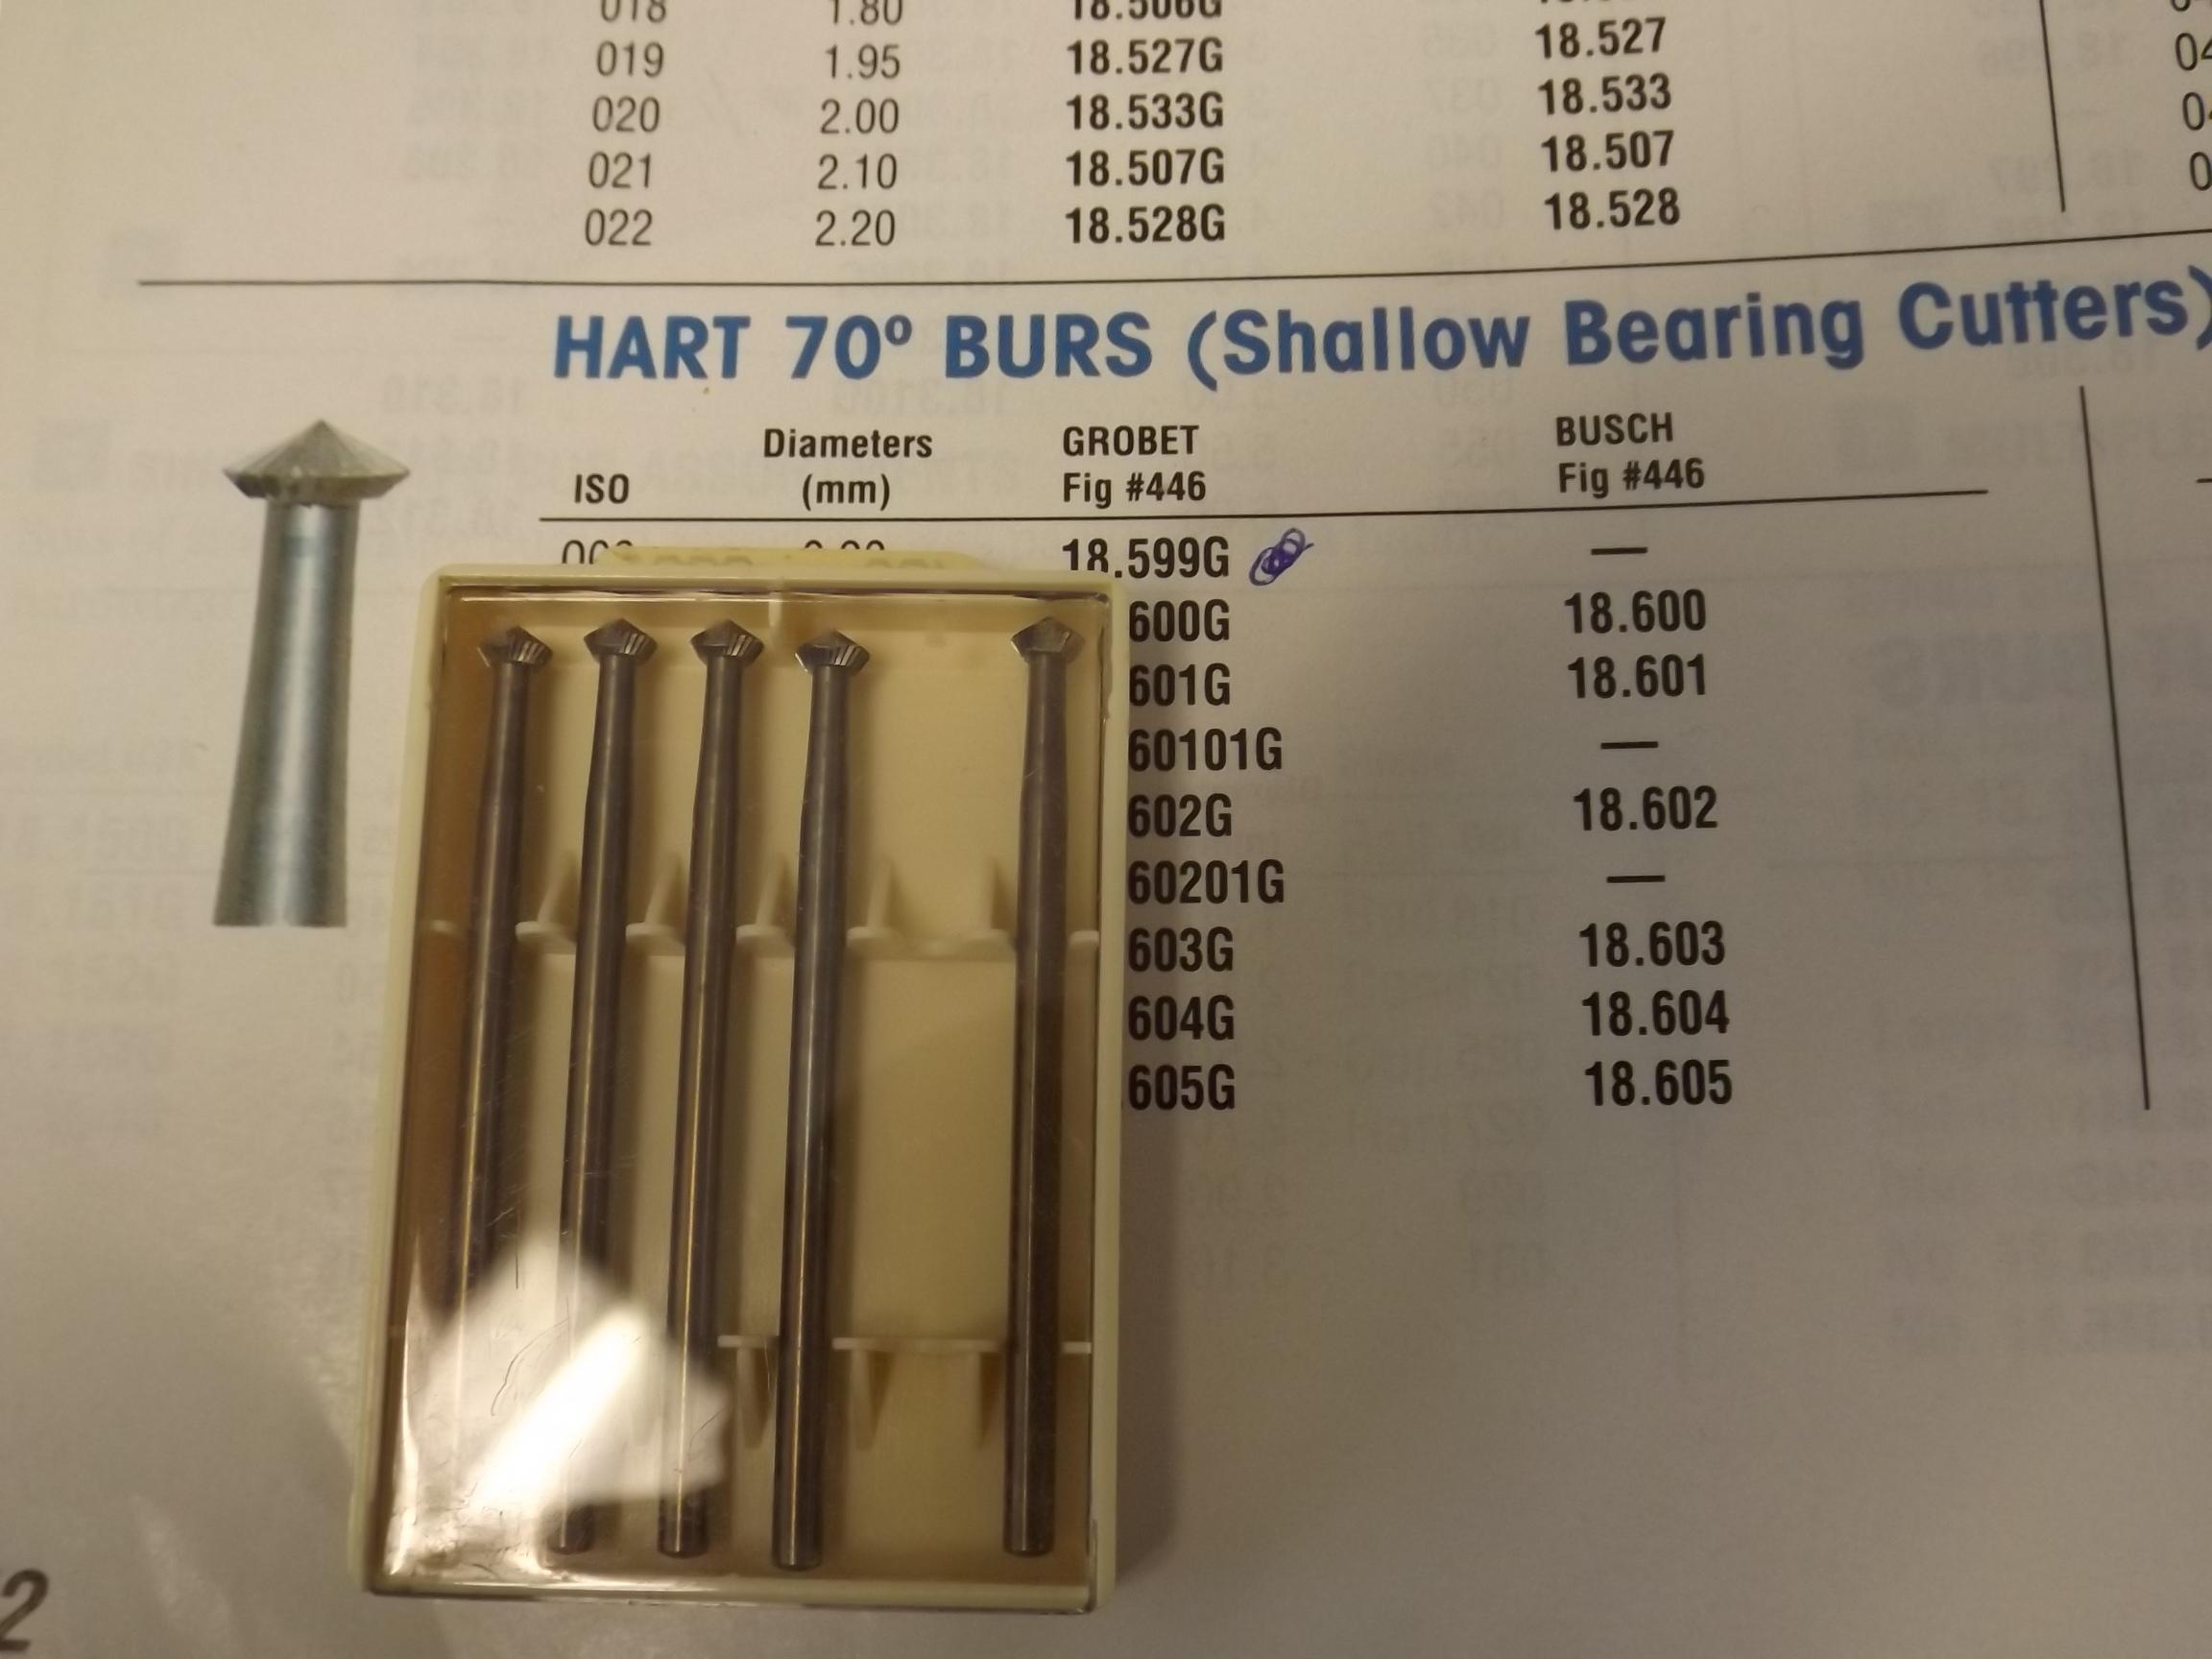 BR446/8 Grobet brand Bur, 70° Hart, Fig. 446, Size 023- # 18.606